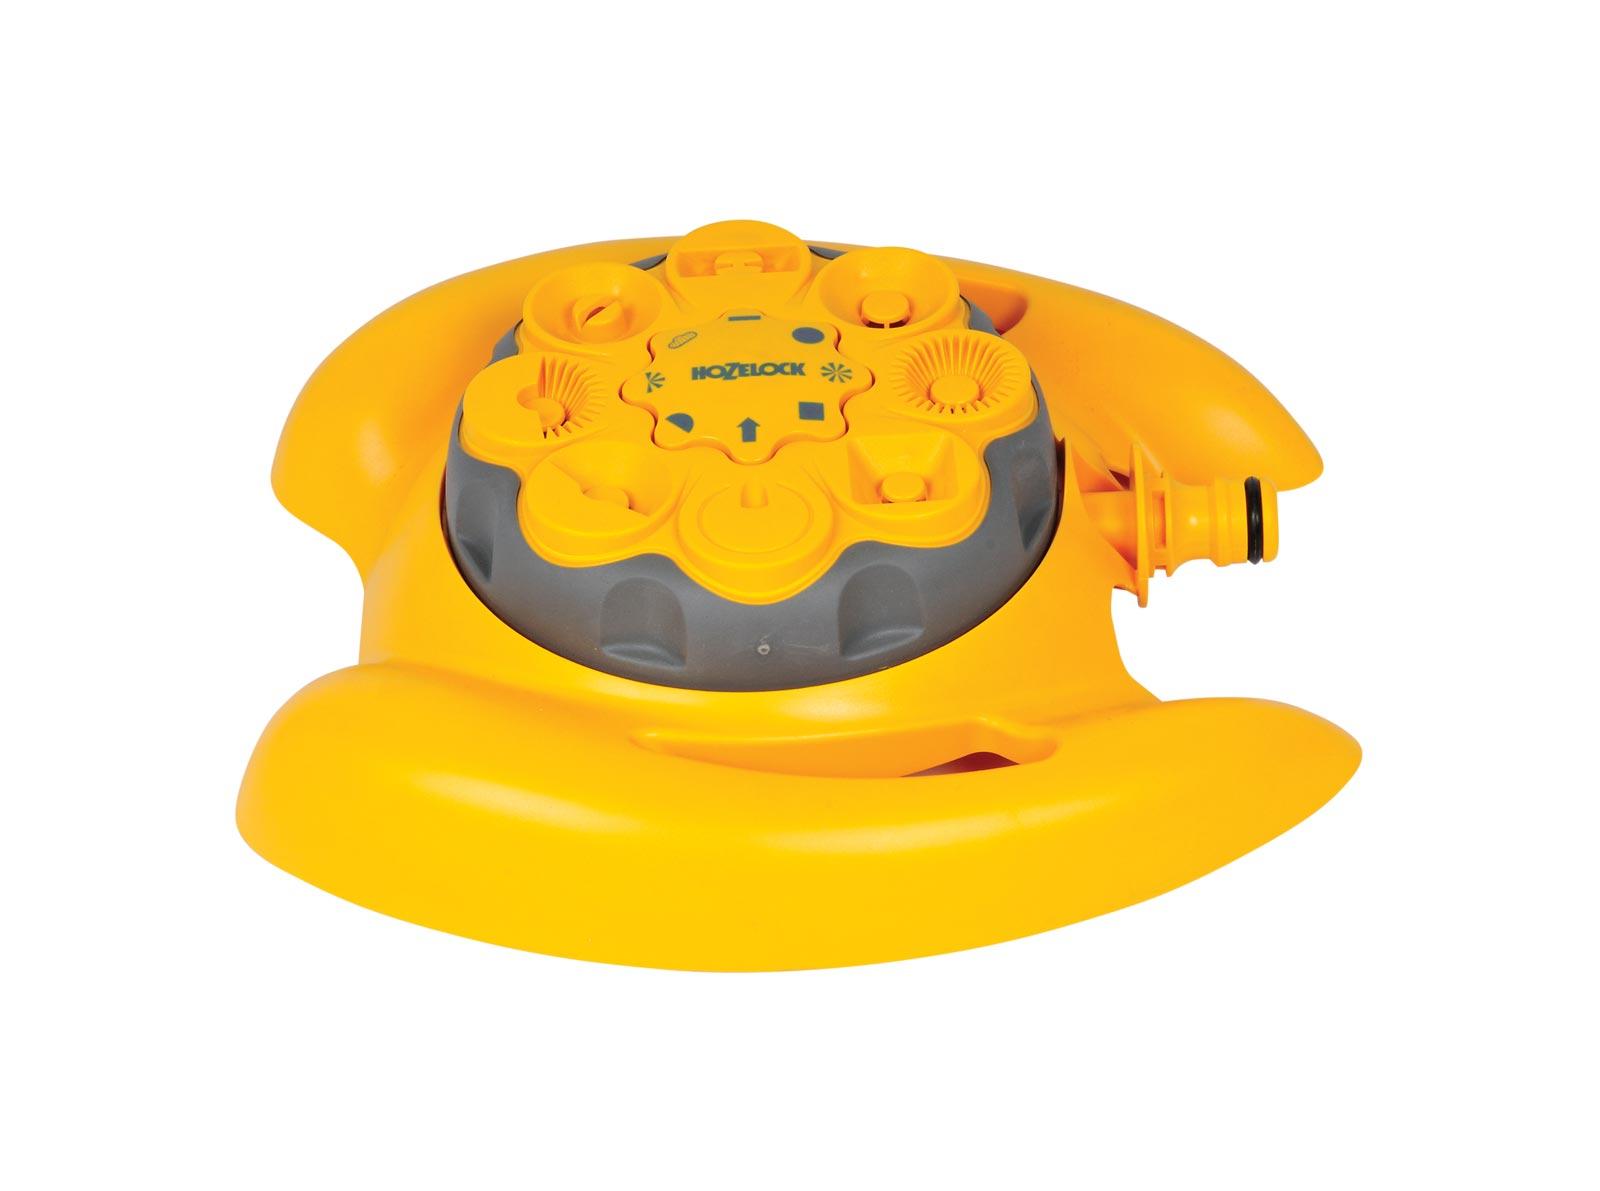 Разбрызгиватель/дождеватель Hozelock 2515 мультиспринклерный, 79 кв. м, 8 режимов, желтый, серый